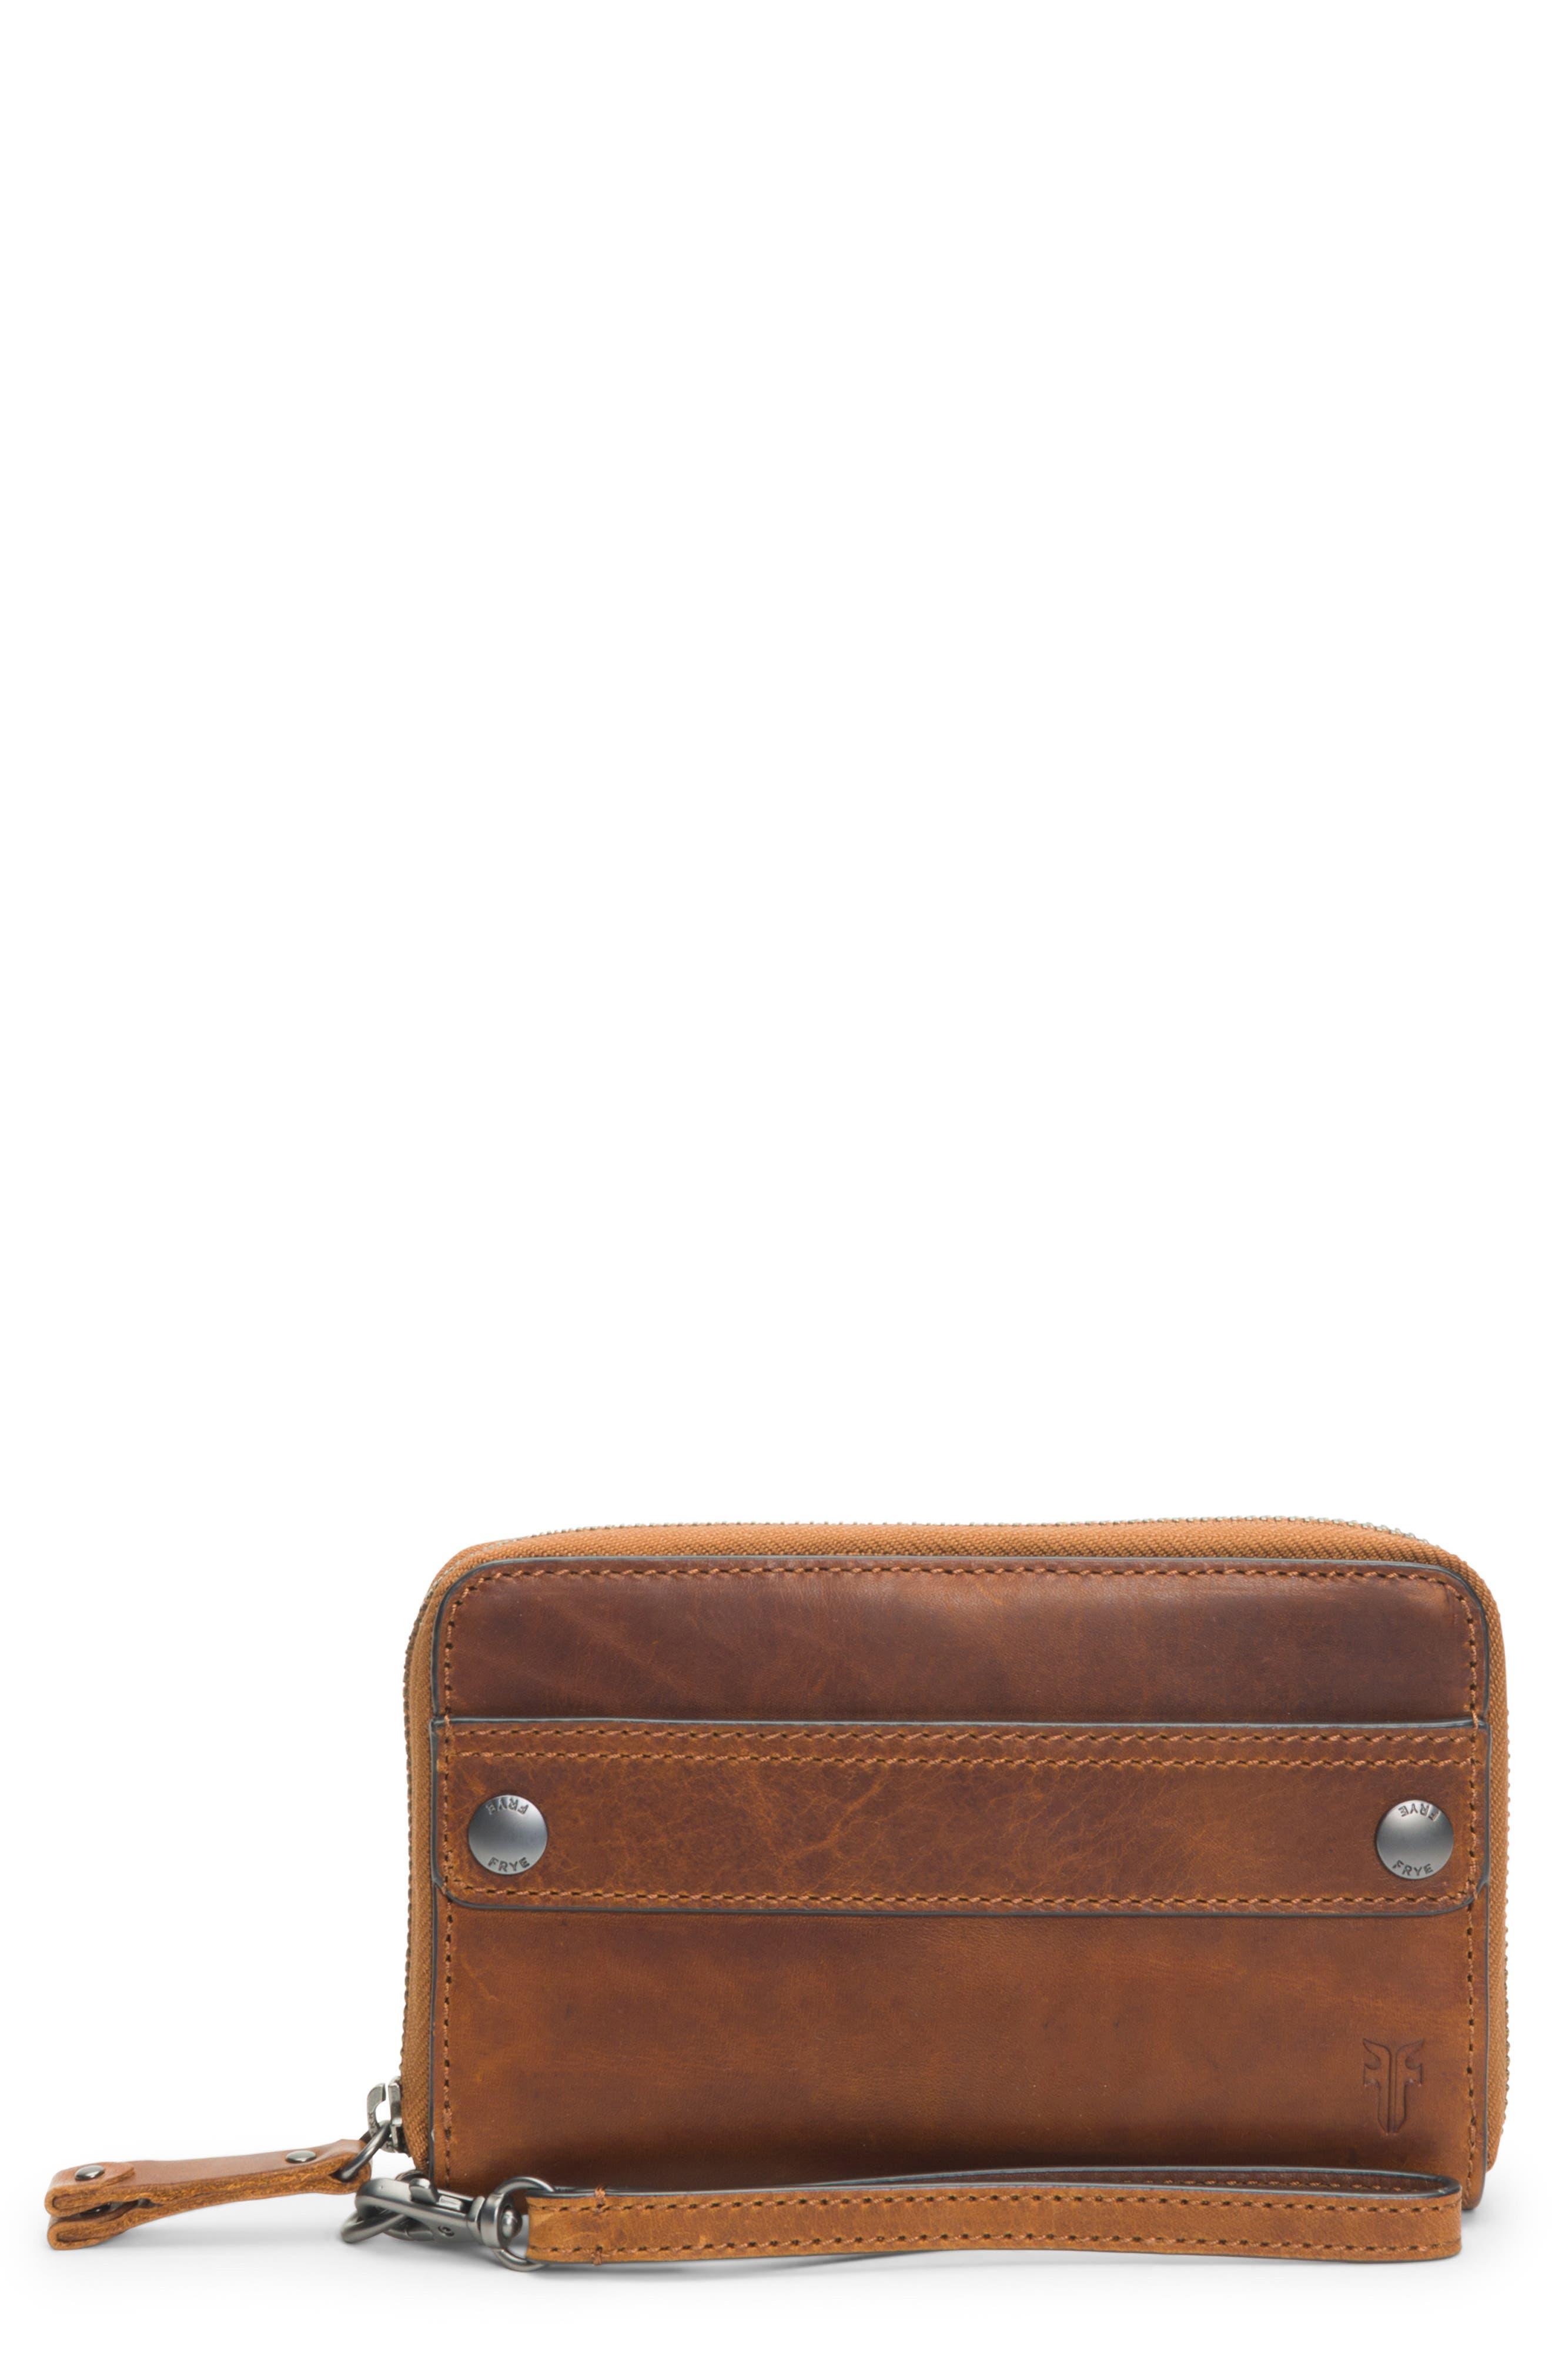 Melissa Large Leather Phone Wallet,                             Main thumbnail 1, color,                             COGNAC